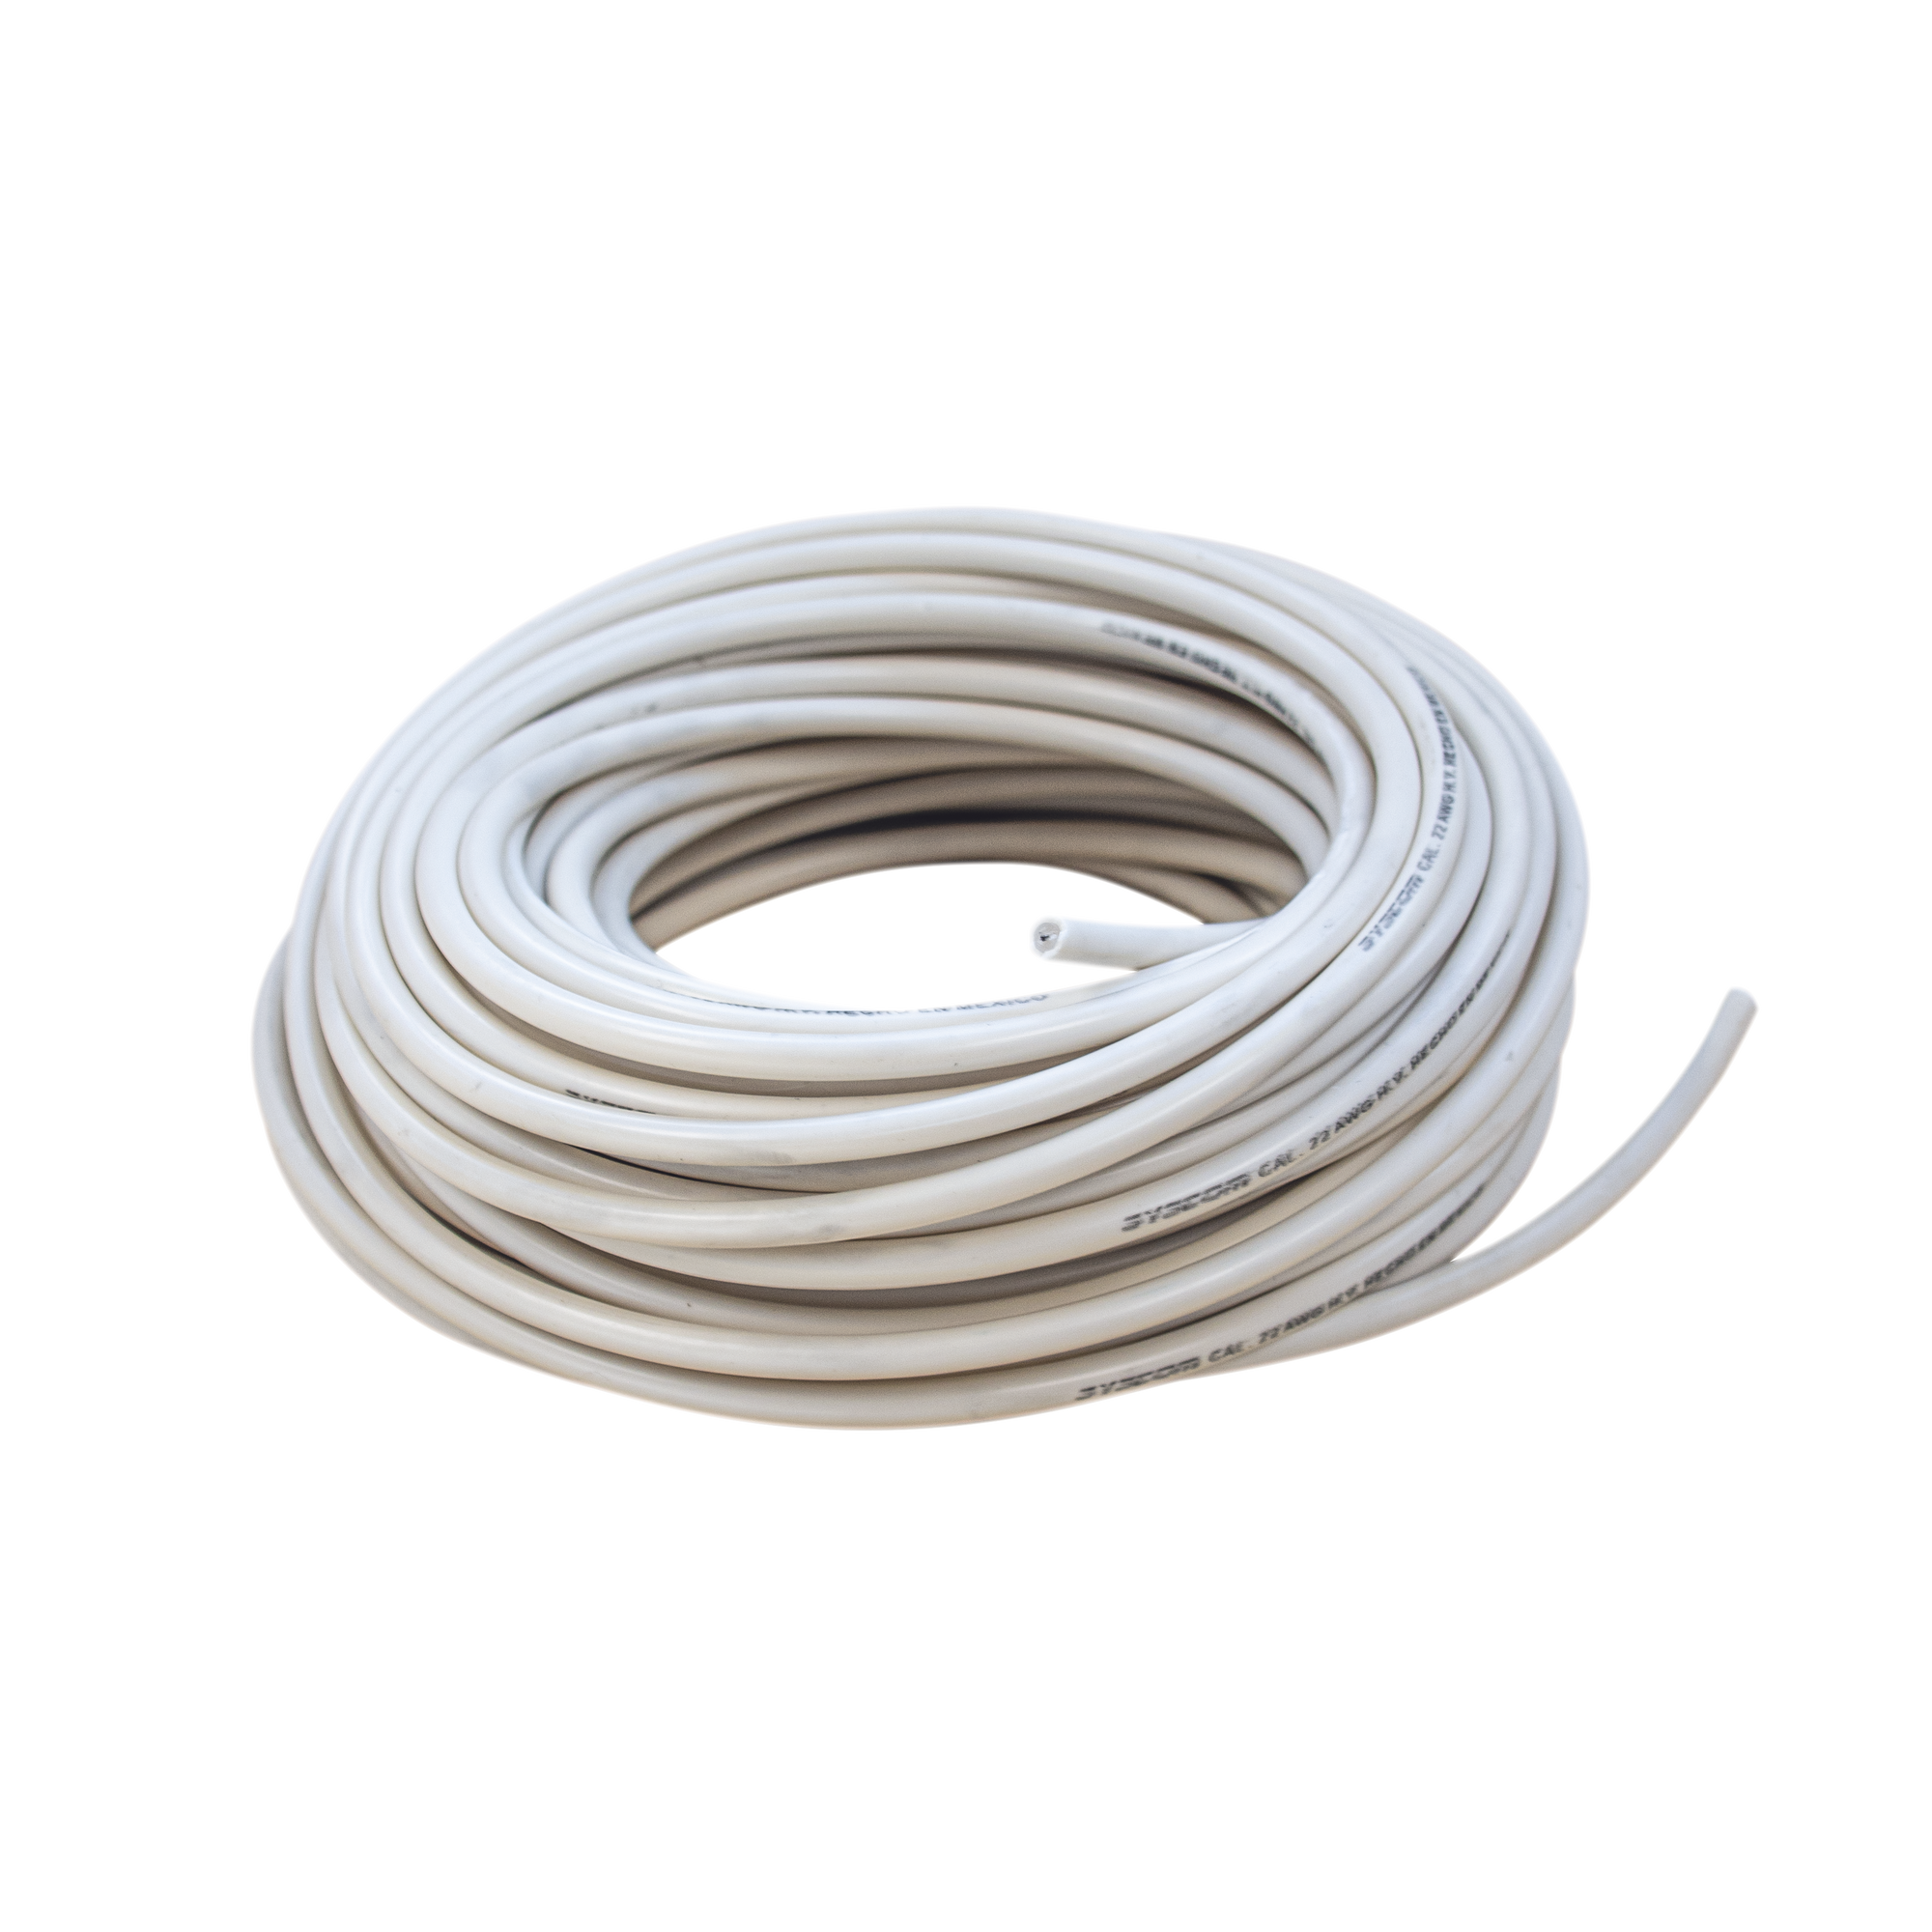 Cable doble aislado de alta durabilidad para cercas electrificadas Bobina con 25 mts